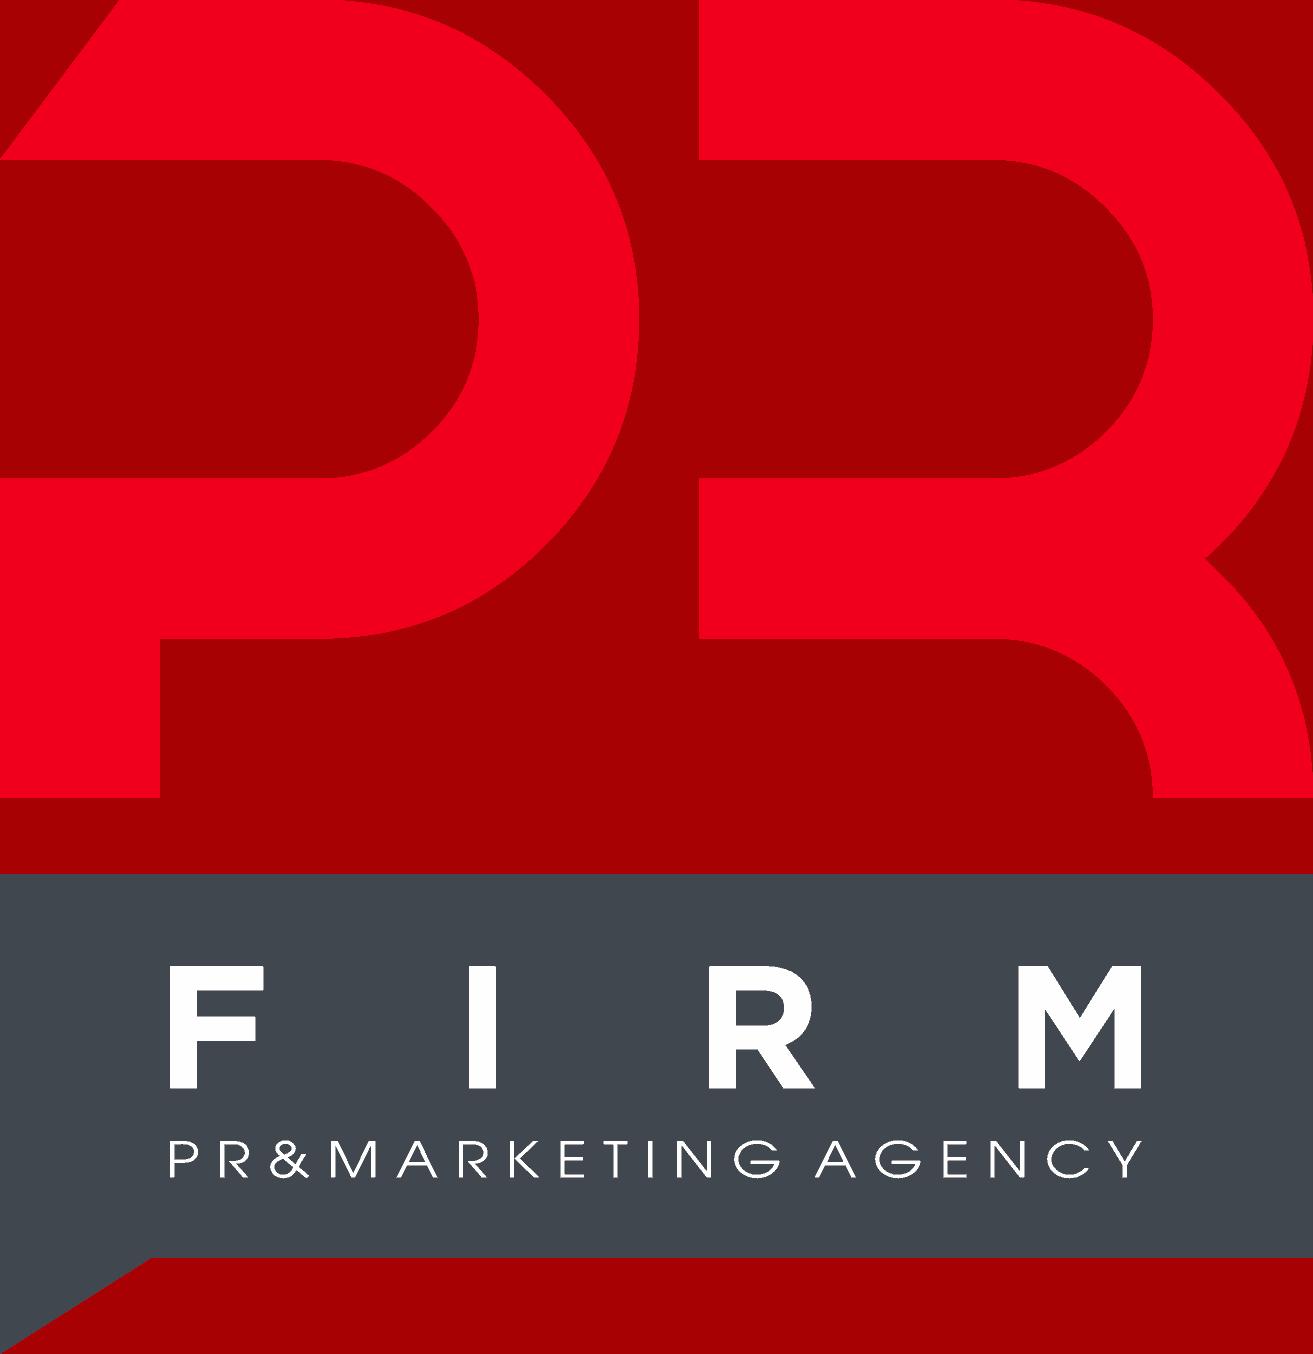 PRFirm